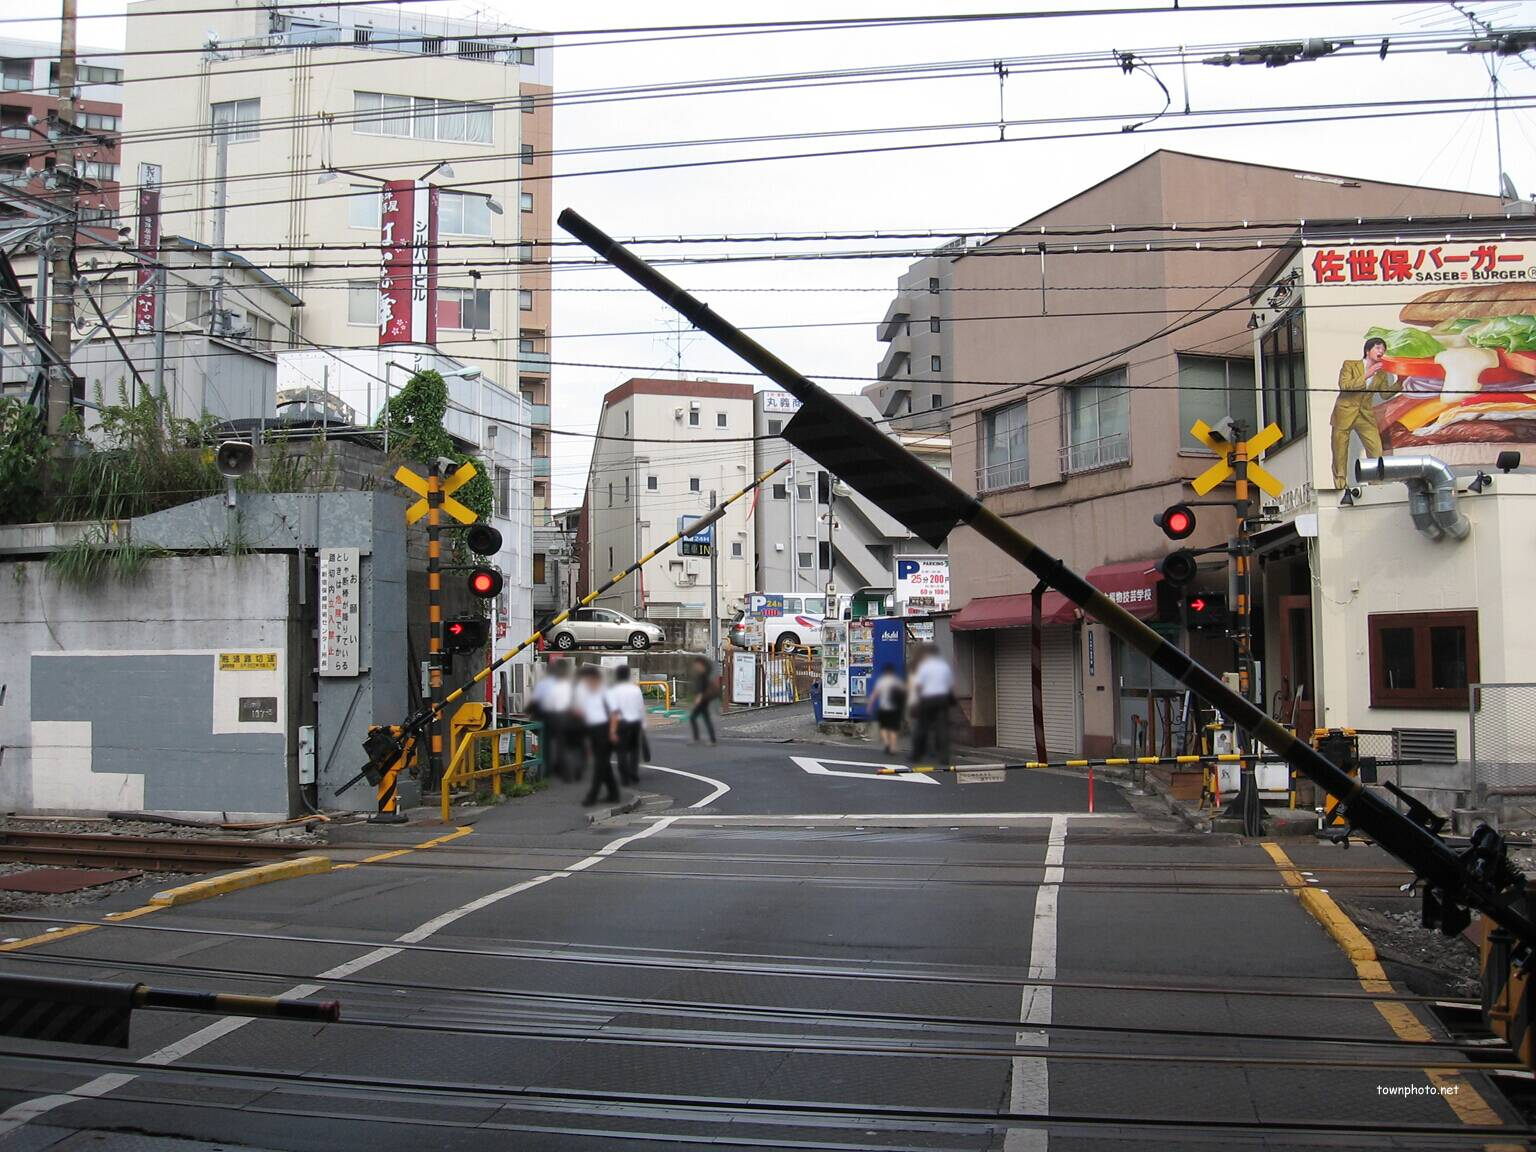 【地域】代々木駅周りって今でも昭和感がある